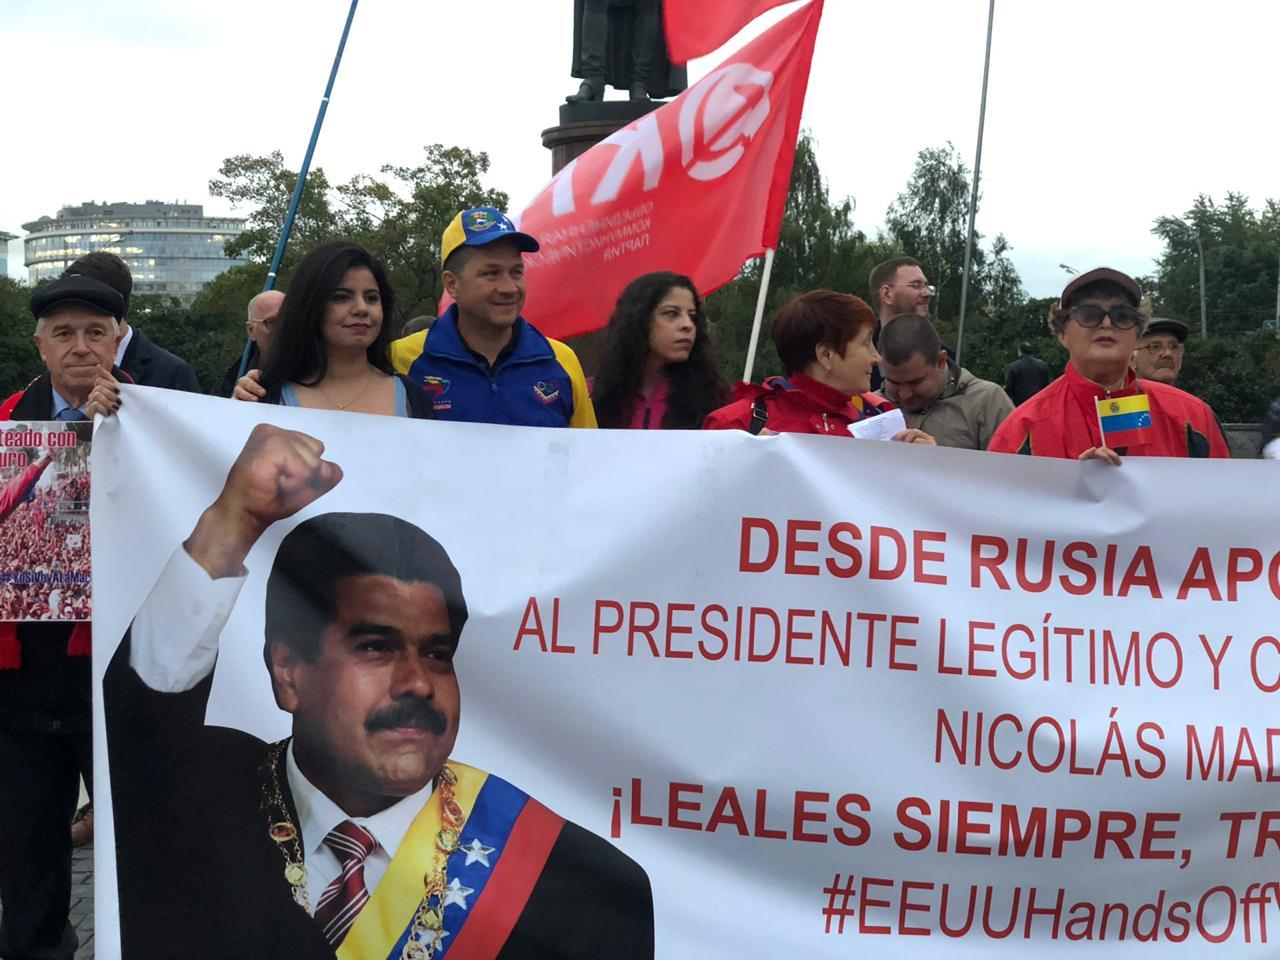 Movimientos políticos y sociales en Rusia realizan jornada de solidaridad con Venezuela